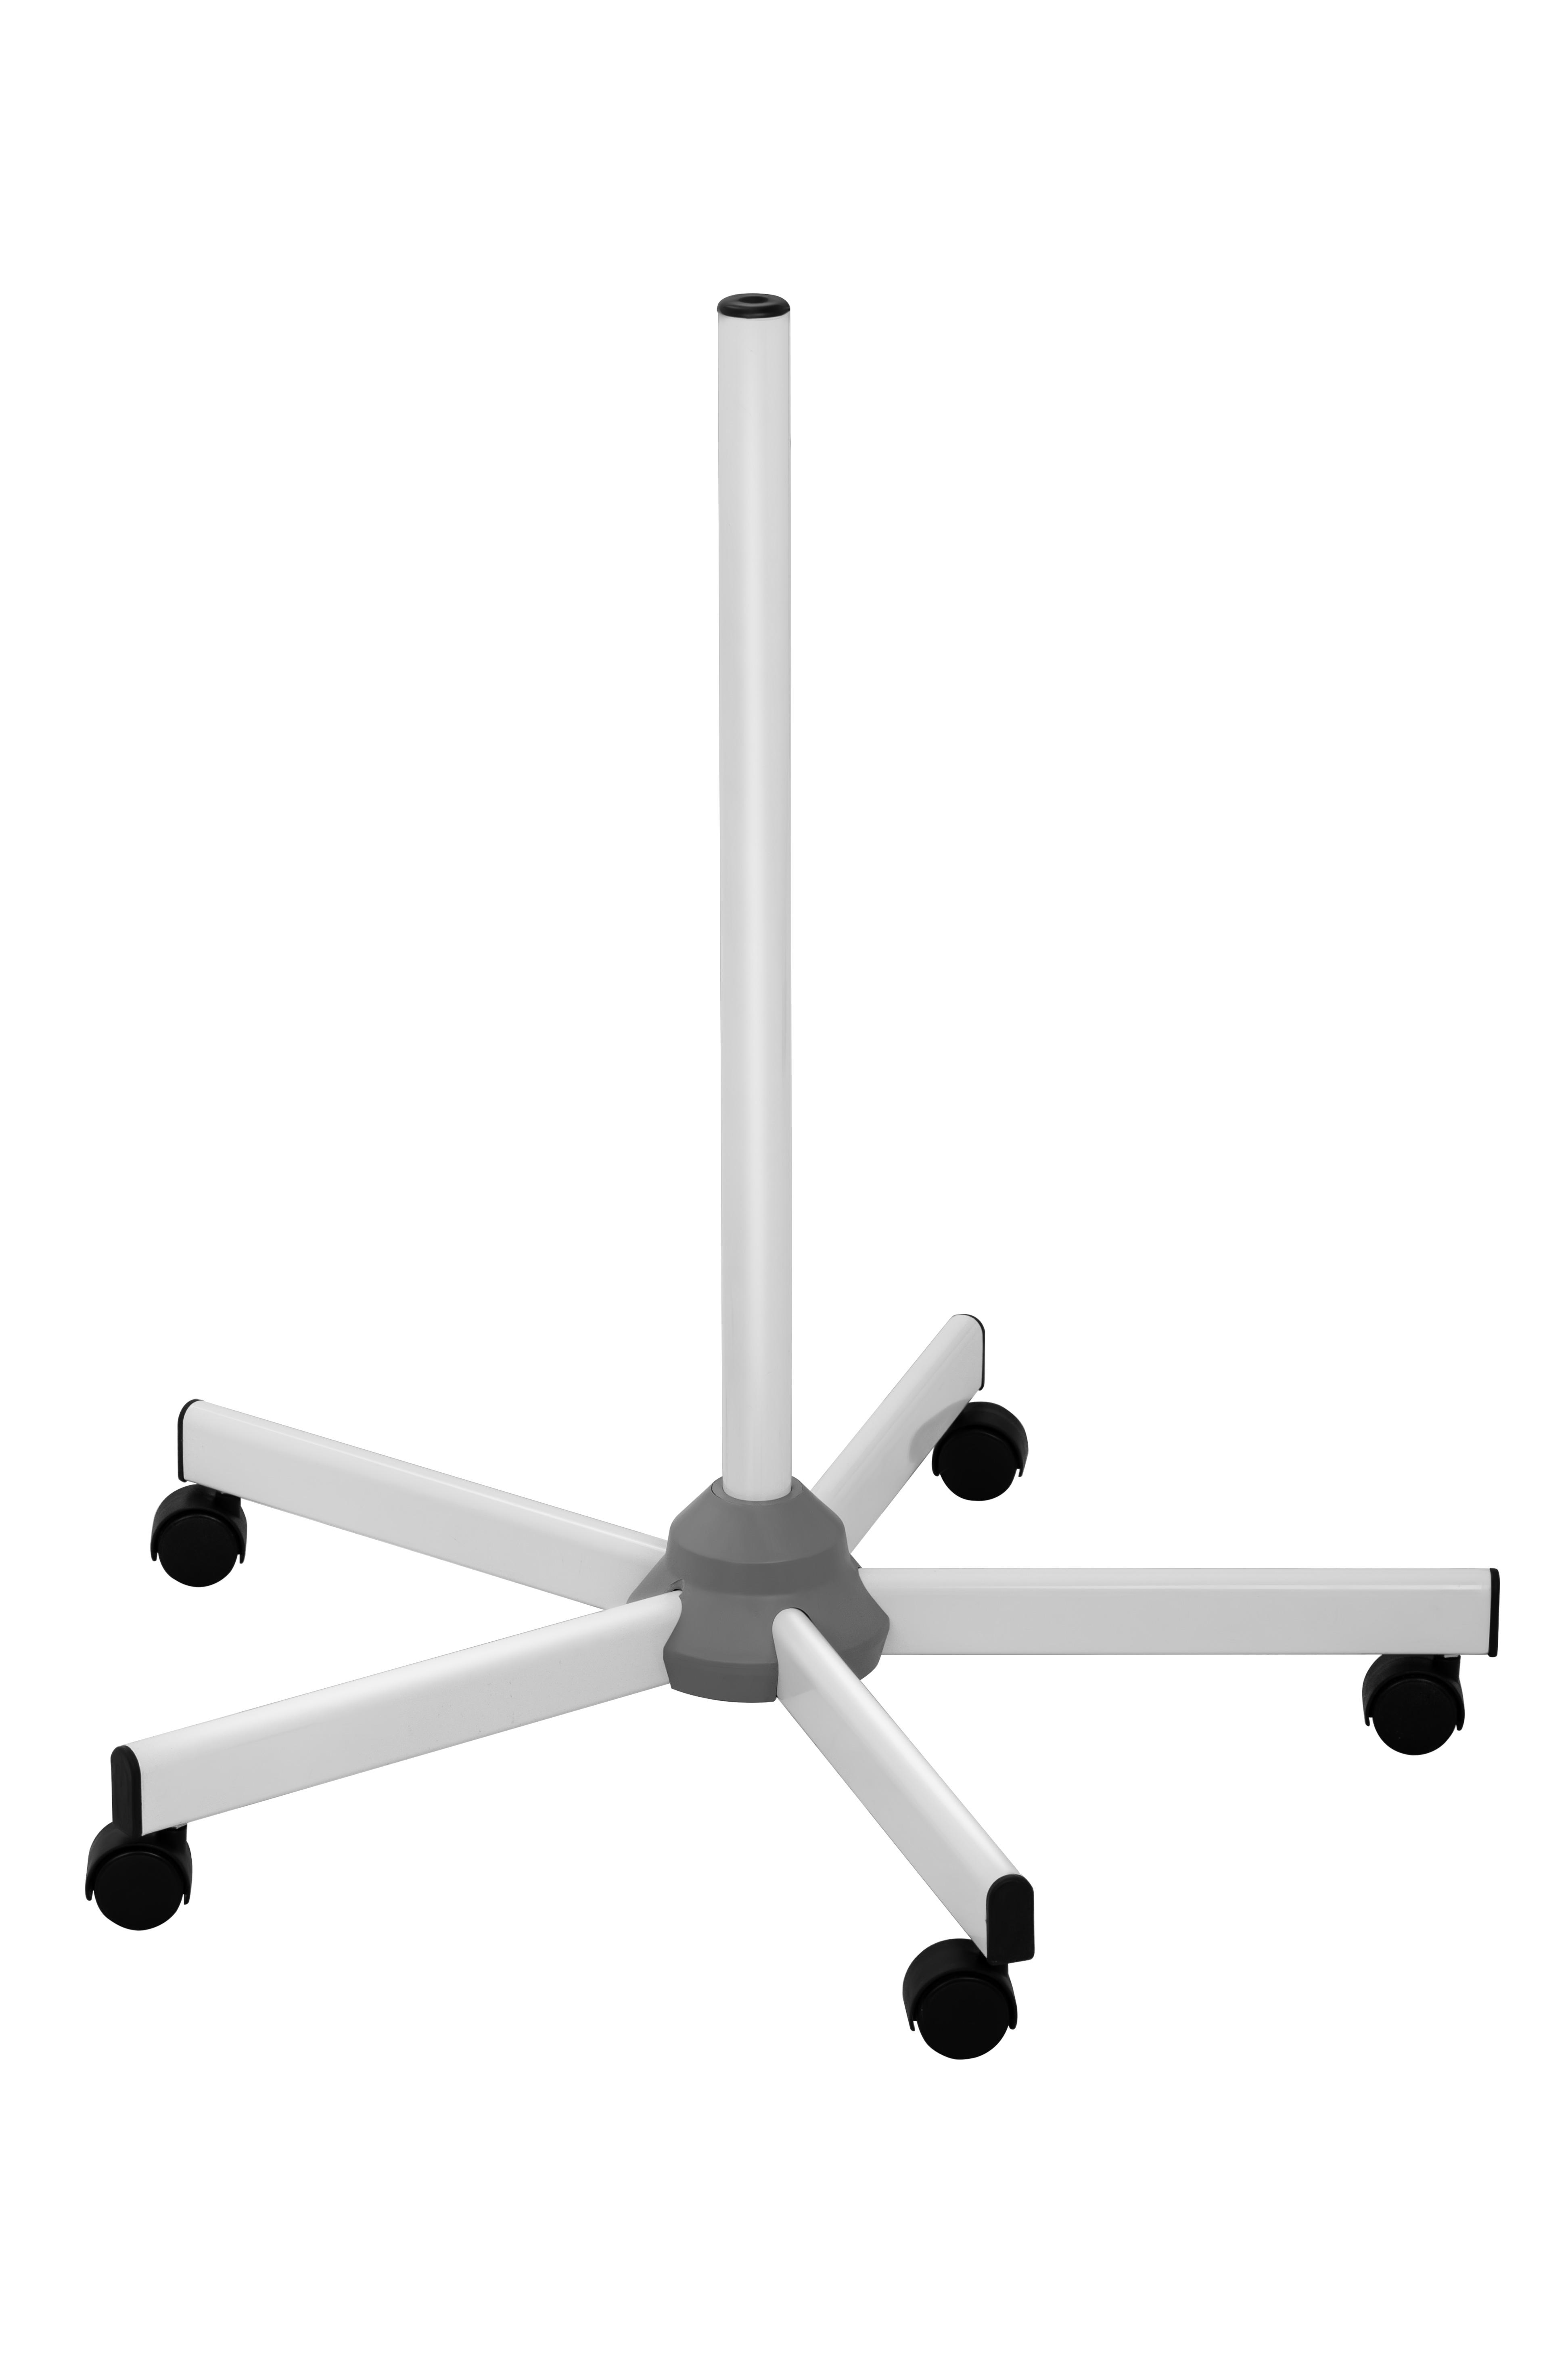 physa Stativ für Lupenleuchte PHY-5ML-2 10040203